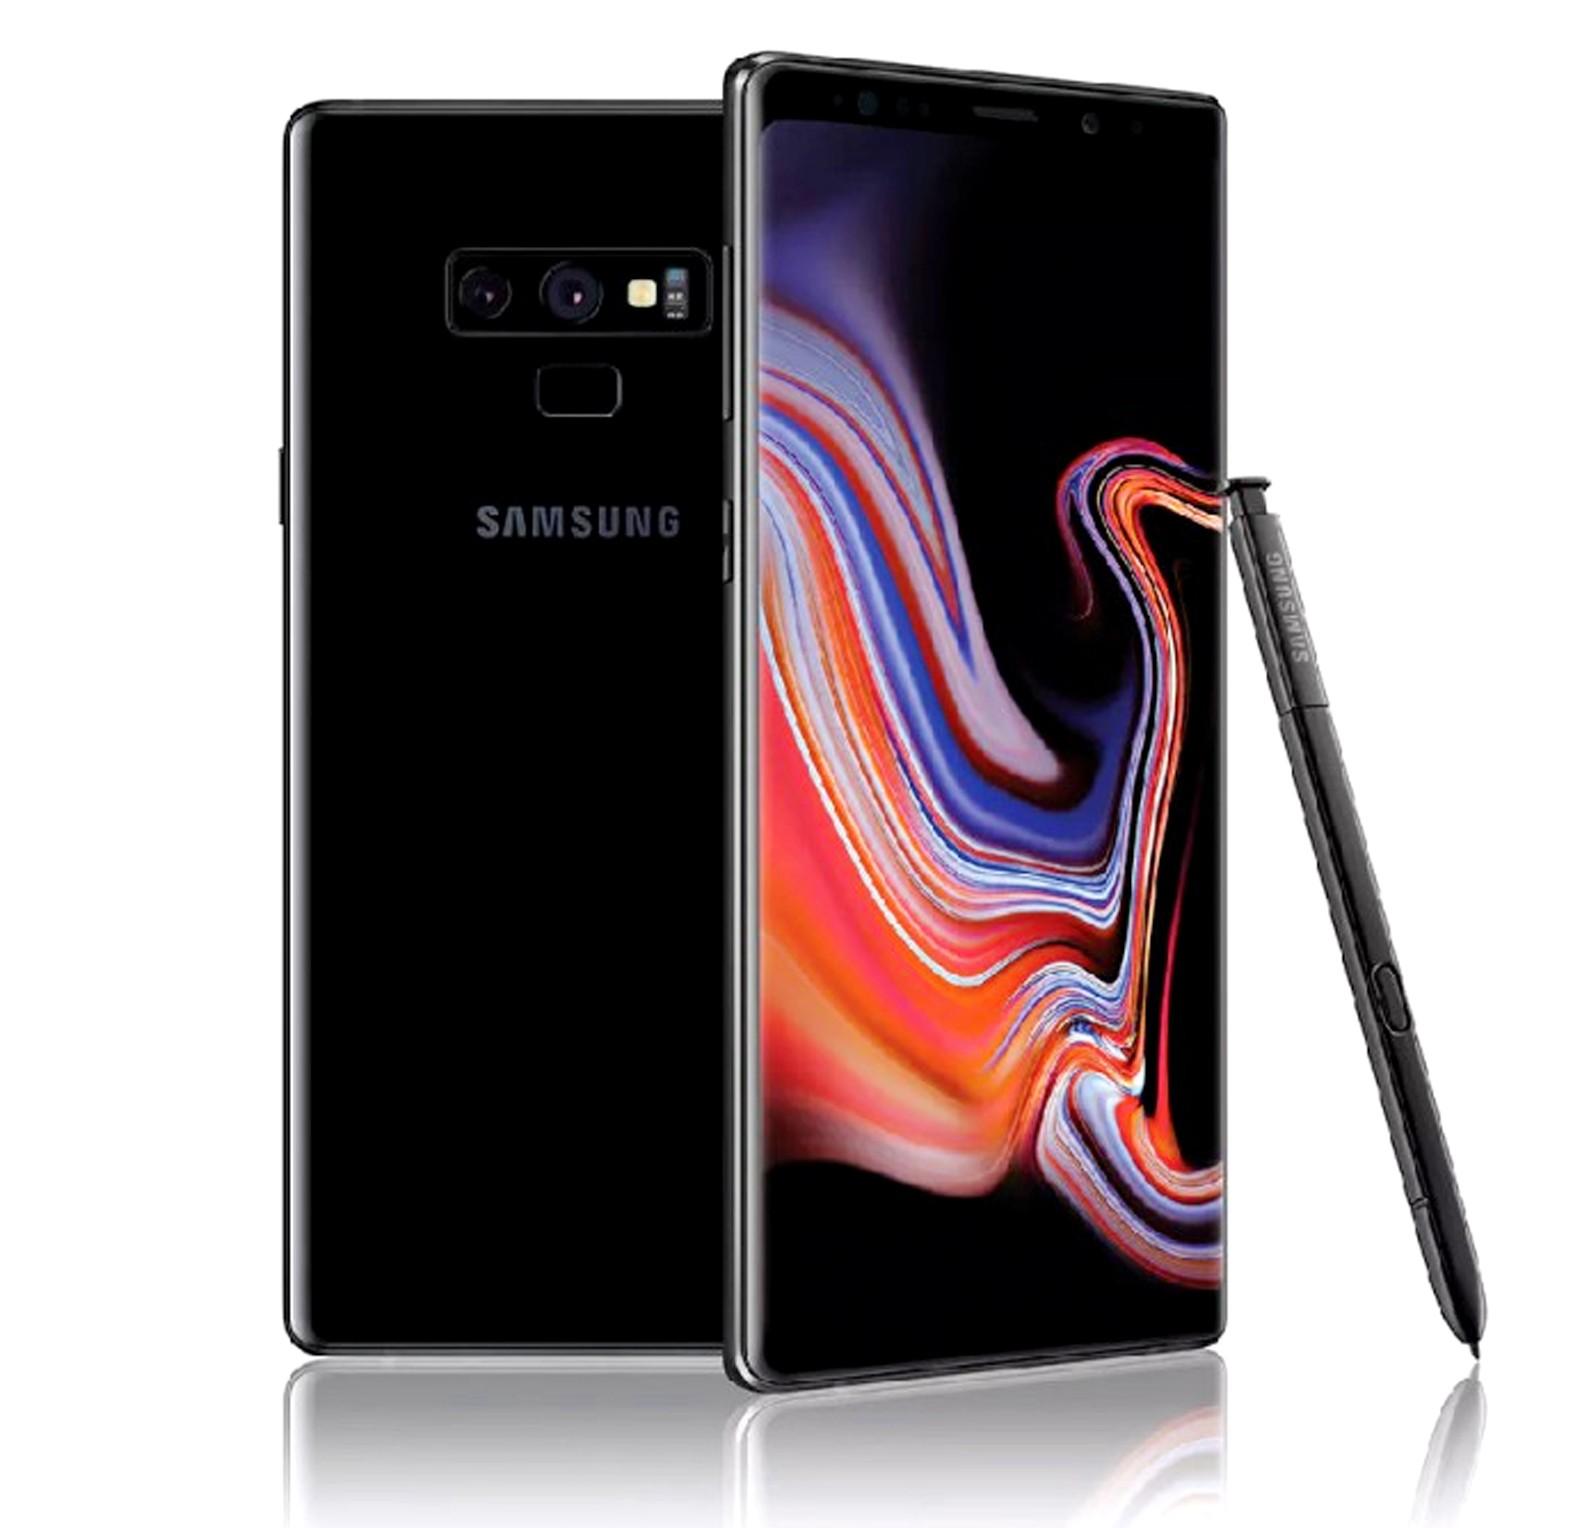 Samsung Galaxy Note 9, Dual SIM, 128GB, 6GB RAM, 4G LTE, Black.